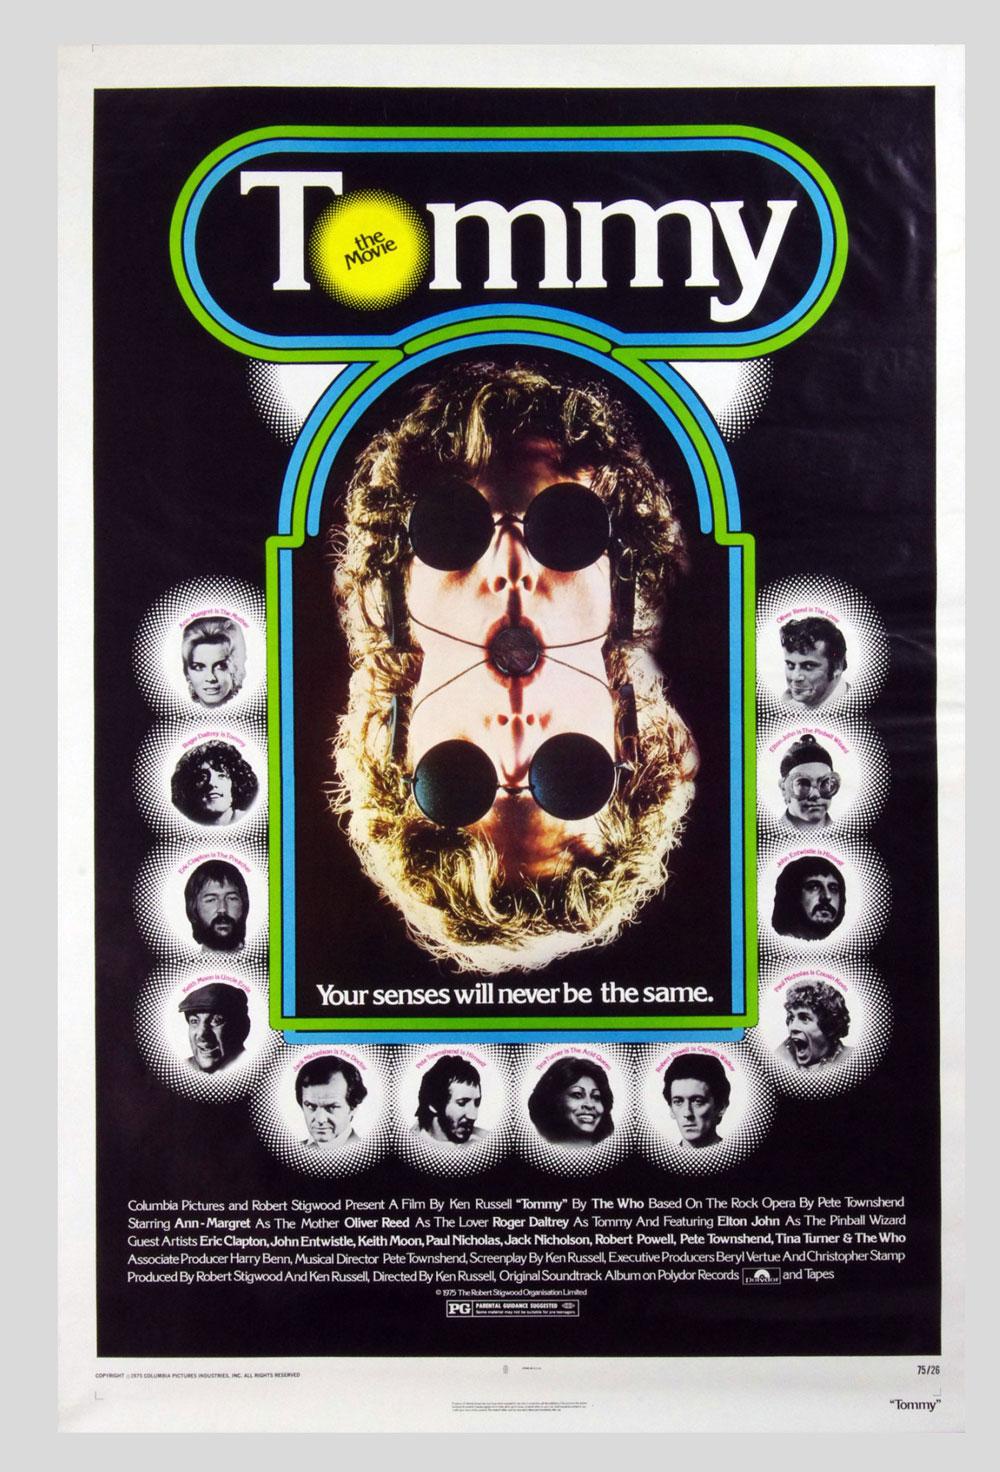 Tommy Poster 1975 Roger Daltery Ann-Margret 27 x 41 1 sheet